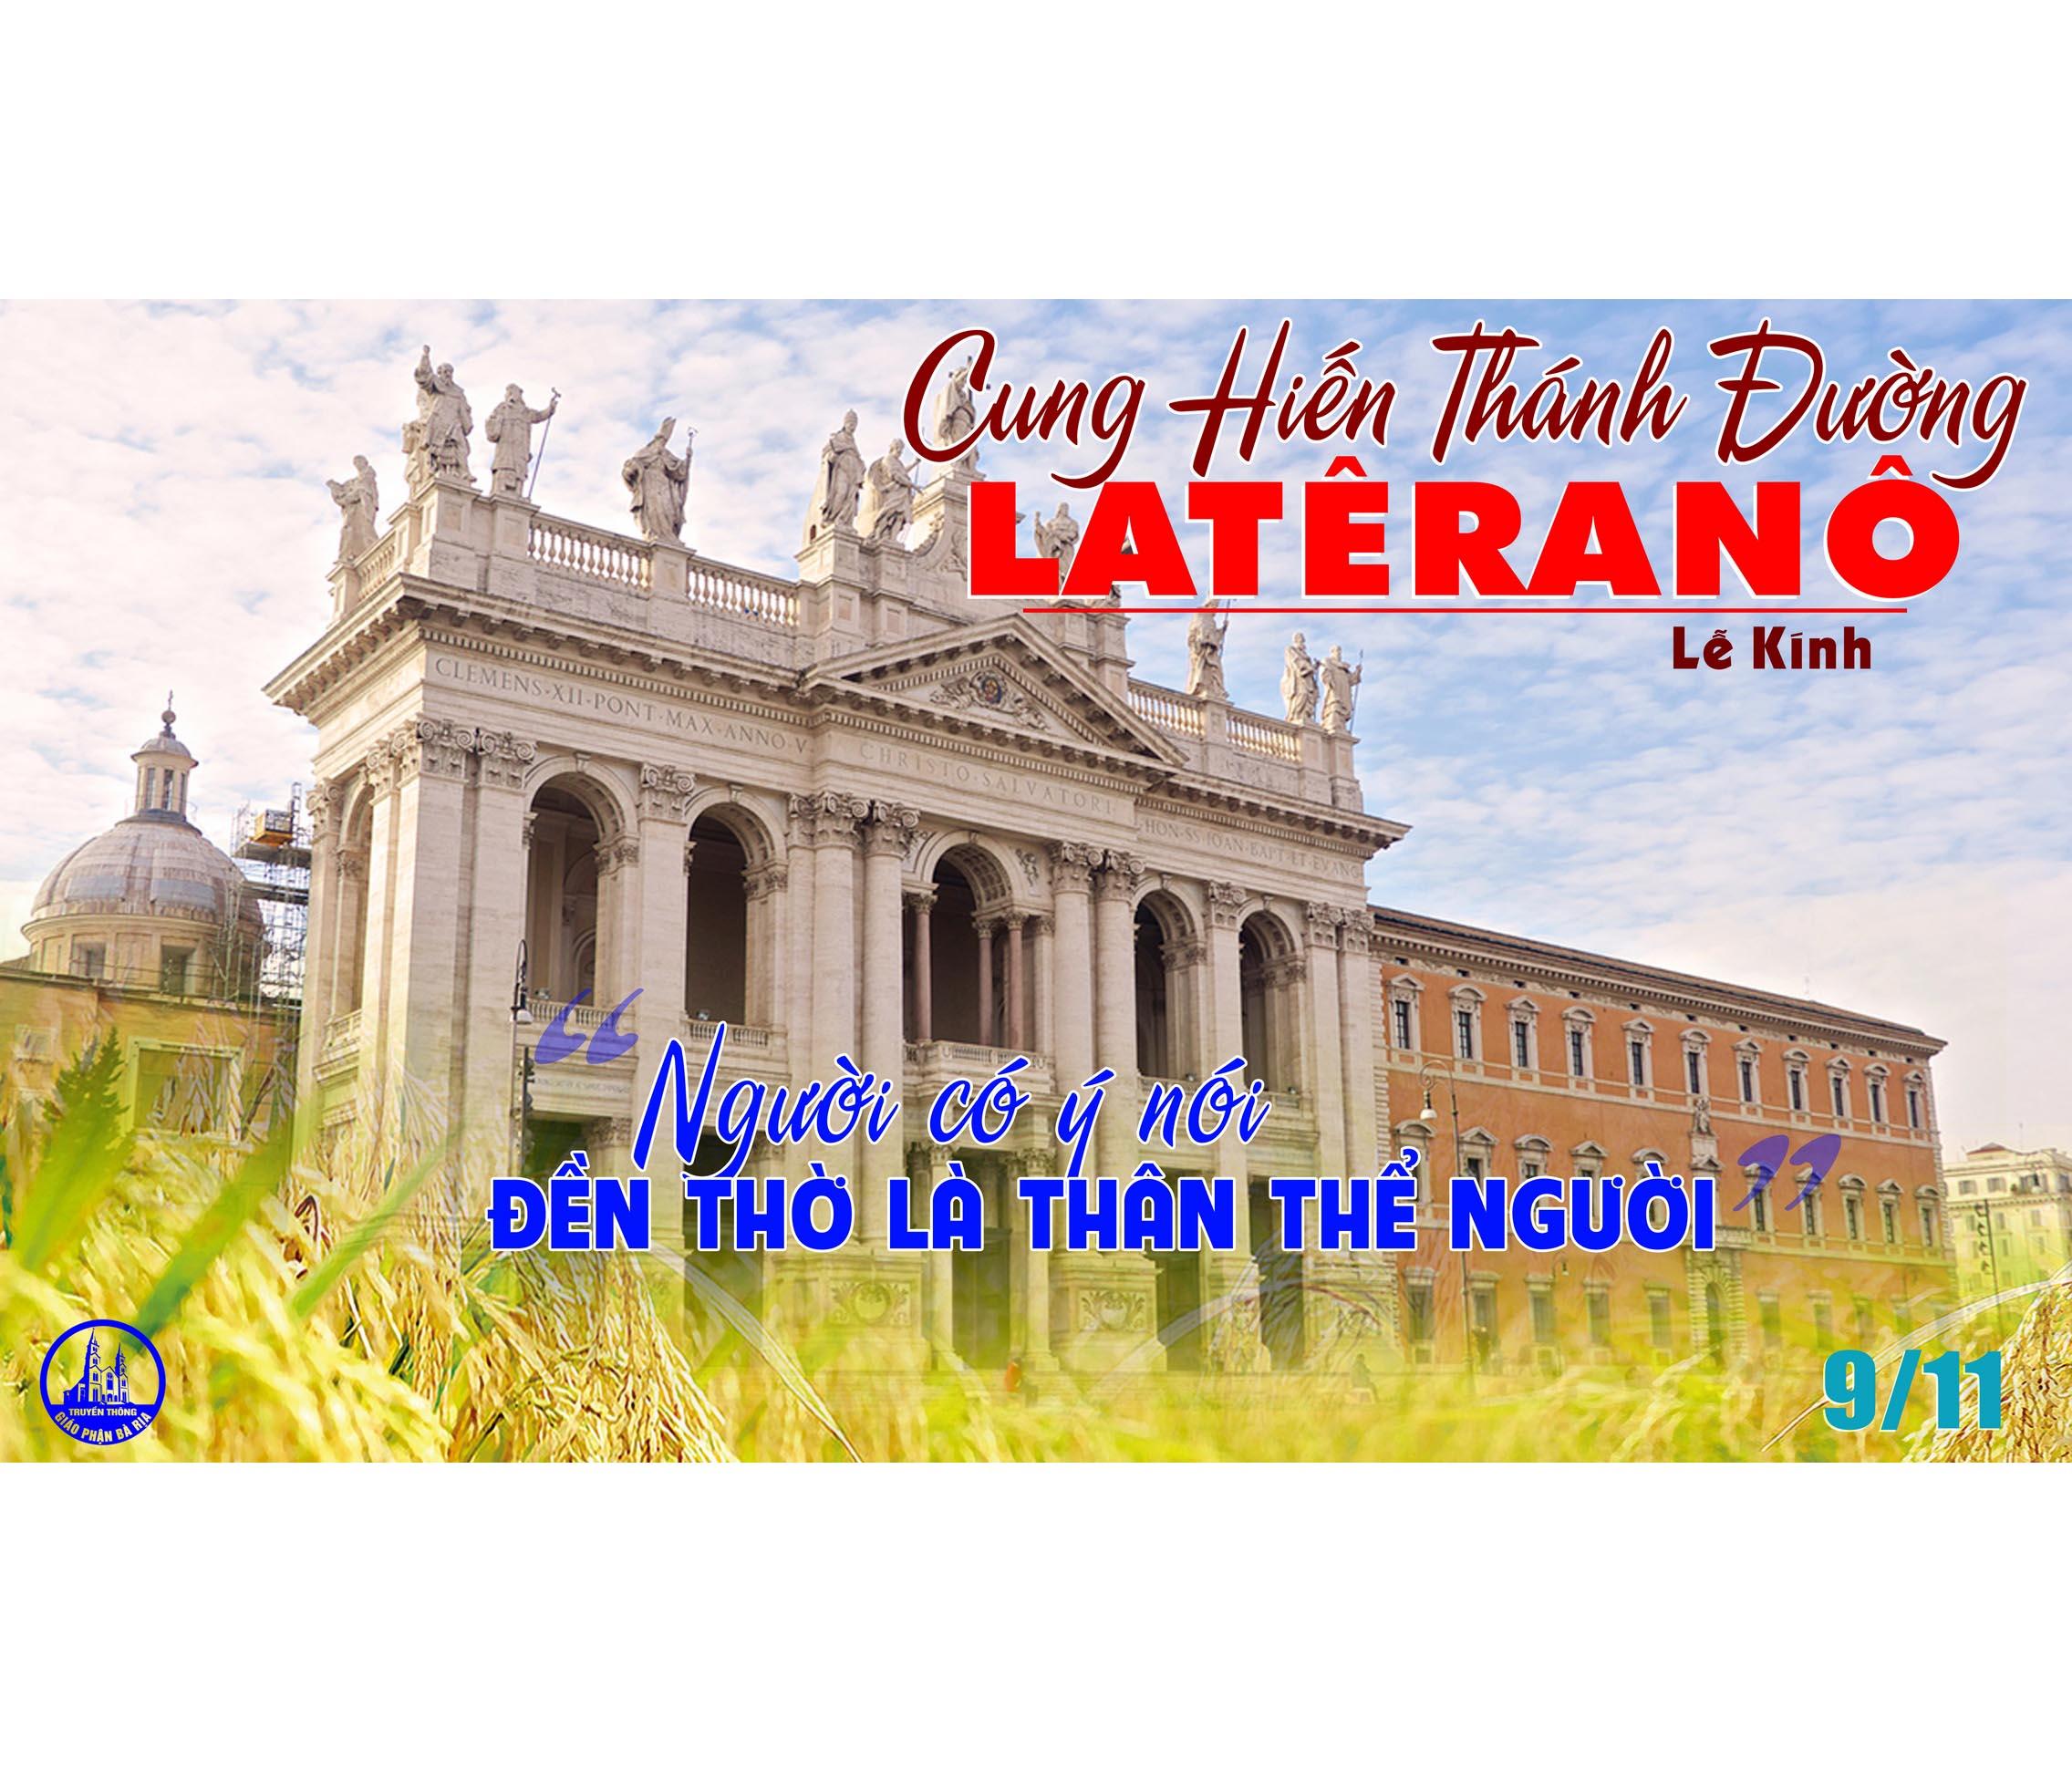 Tôi sẽ xây dựng lại (09.11.2020 – Thứ Hai: Cung hiến Thánh đường Latêranô)